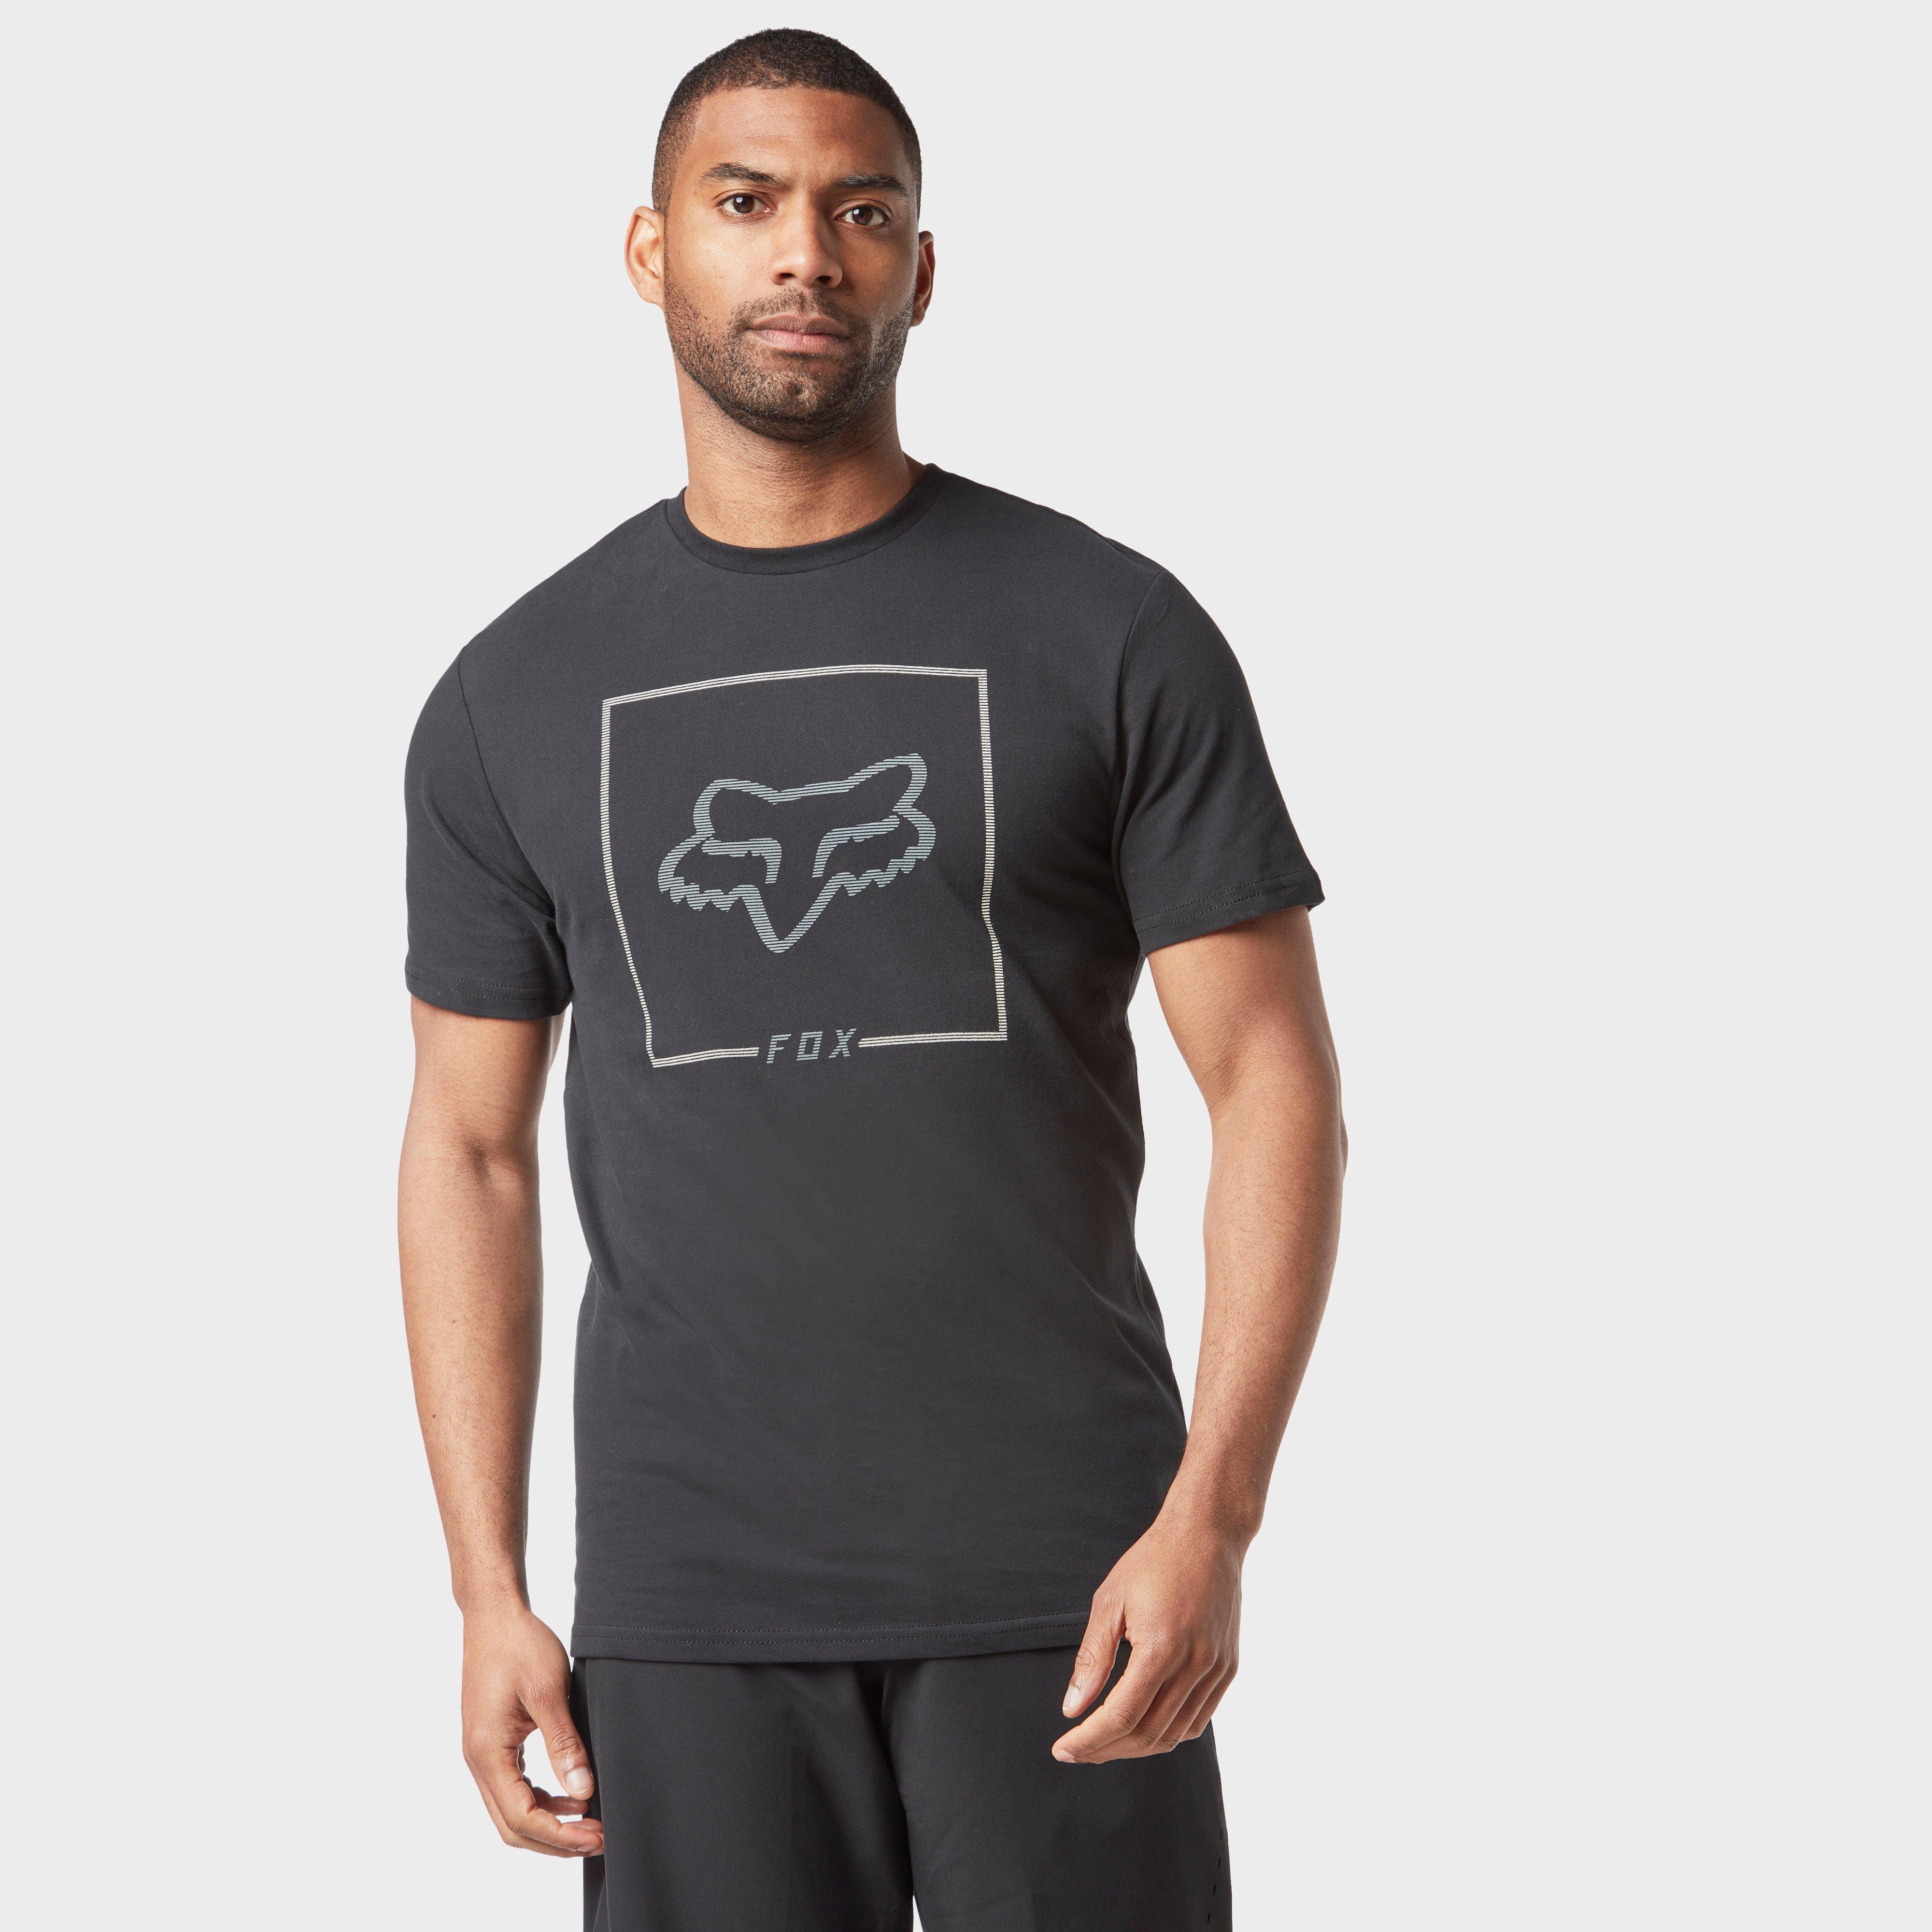 FOX Fox Mens Airline Chapped T-shirt - Black, Black